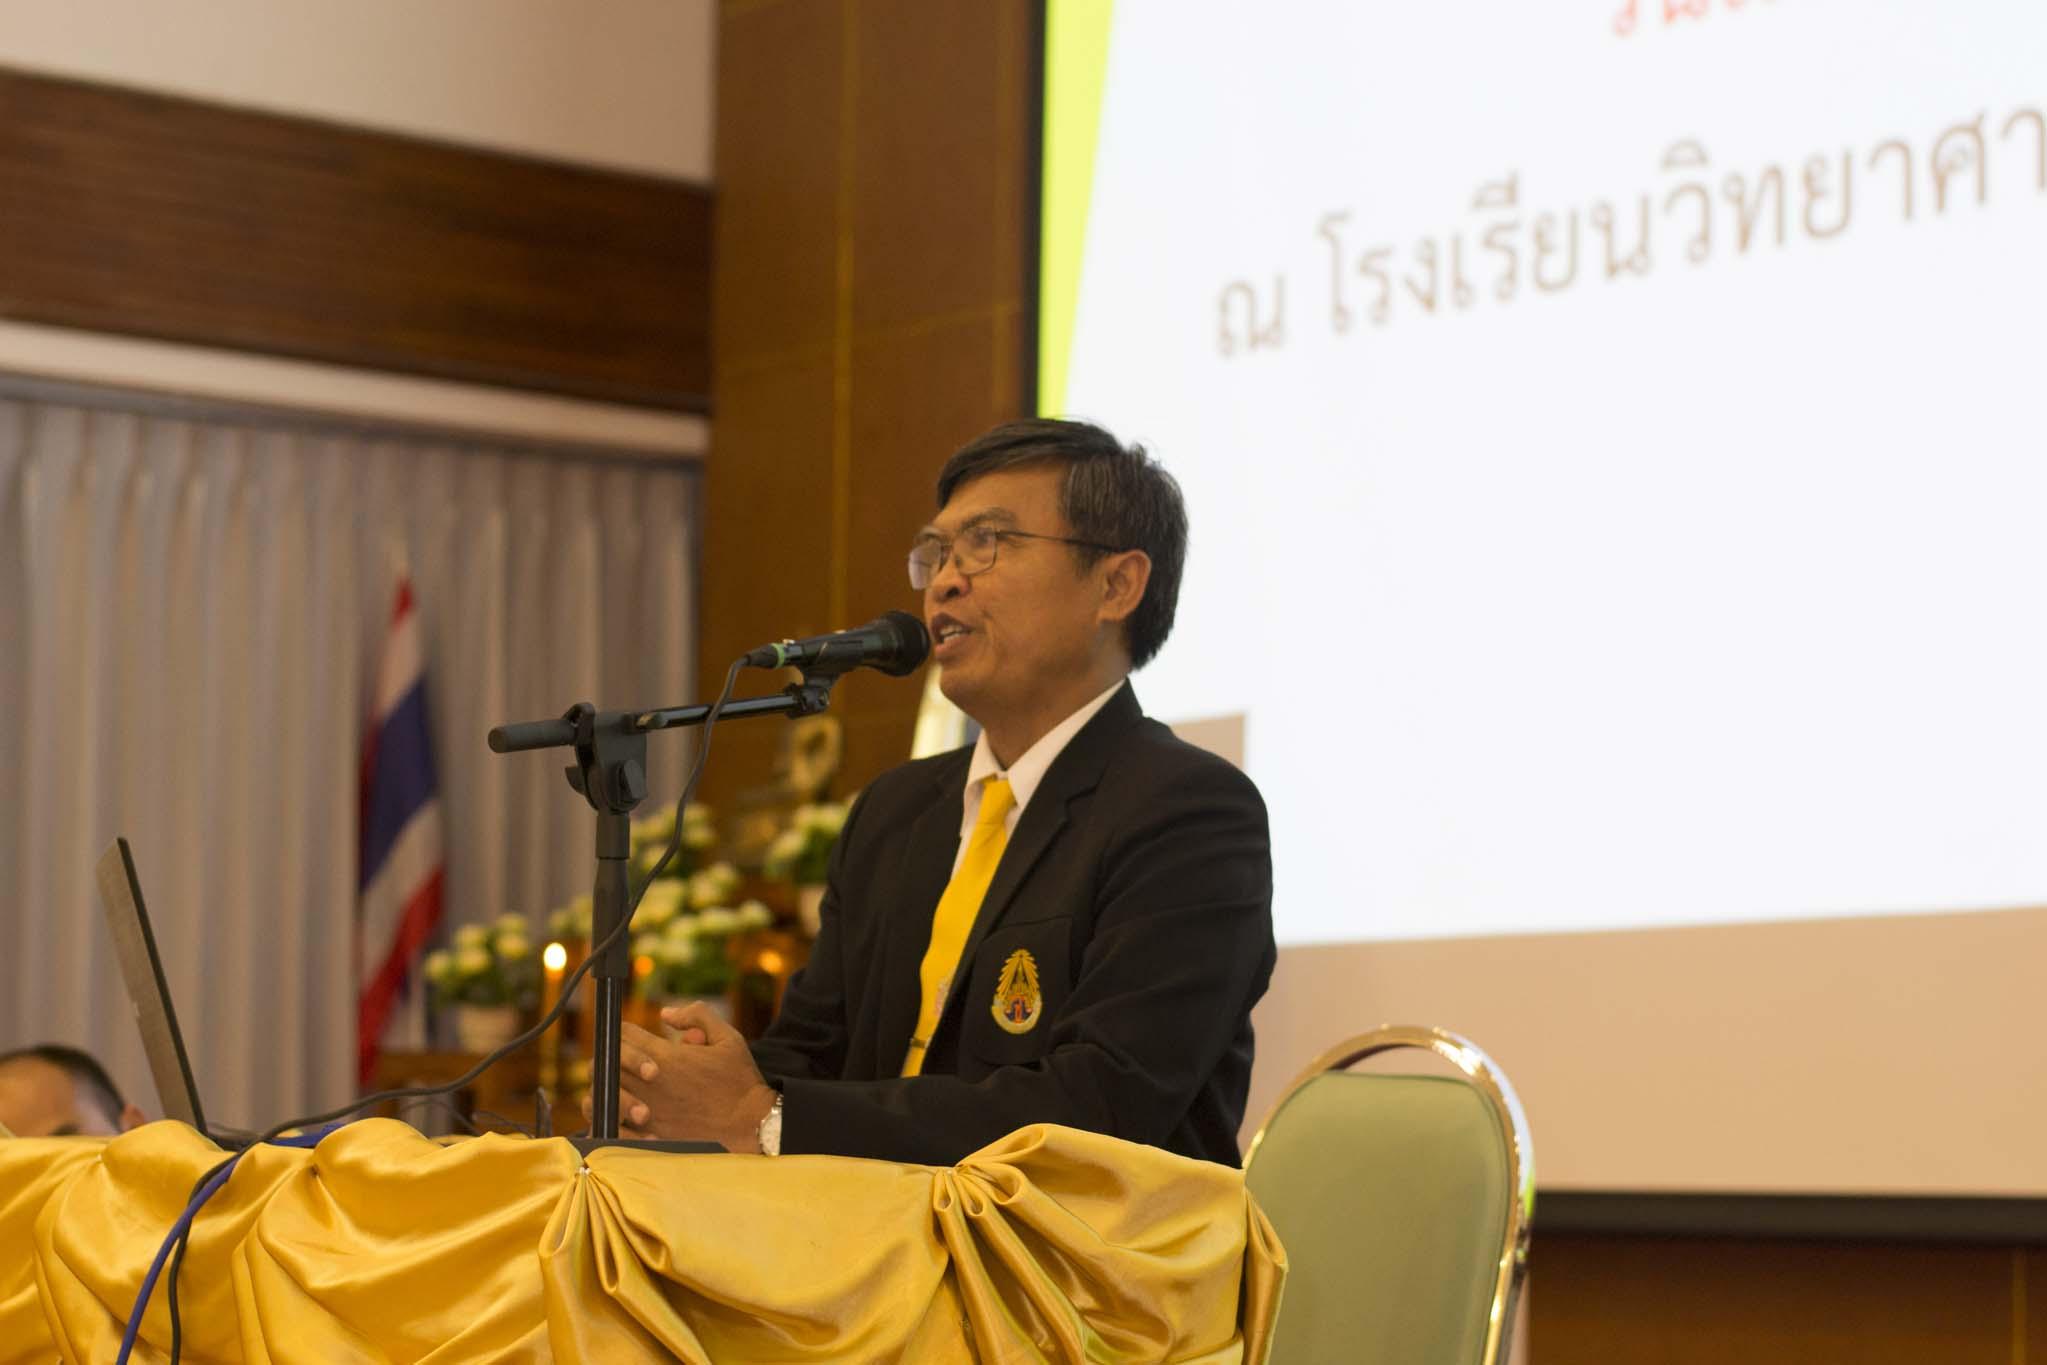 ประชุมผู้ปกครองนักเรียนทุกระดับชั้น-ประจำปีการศึกษา 2562